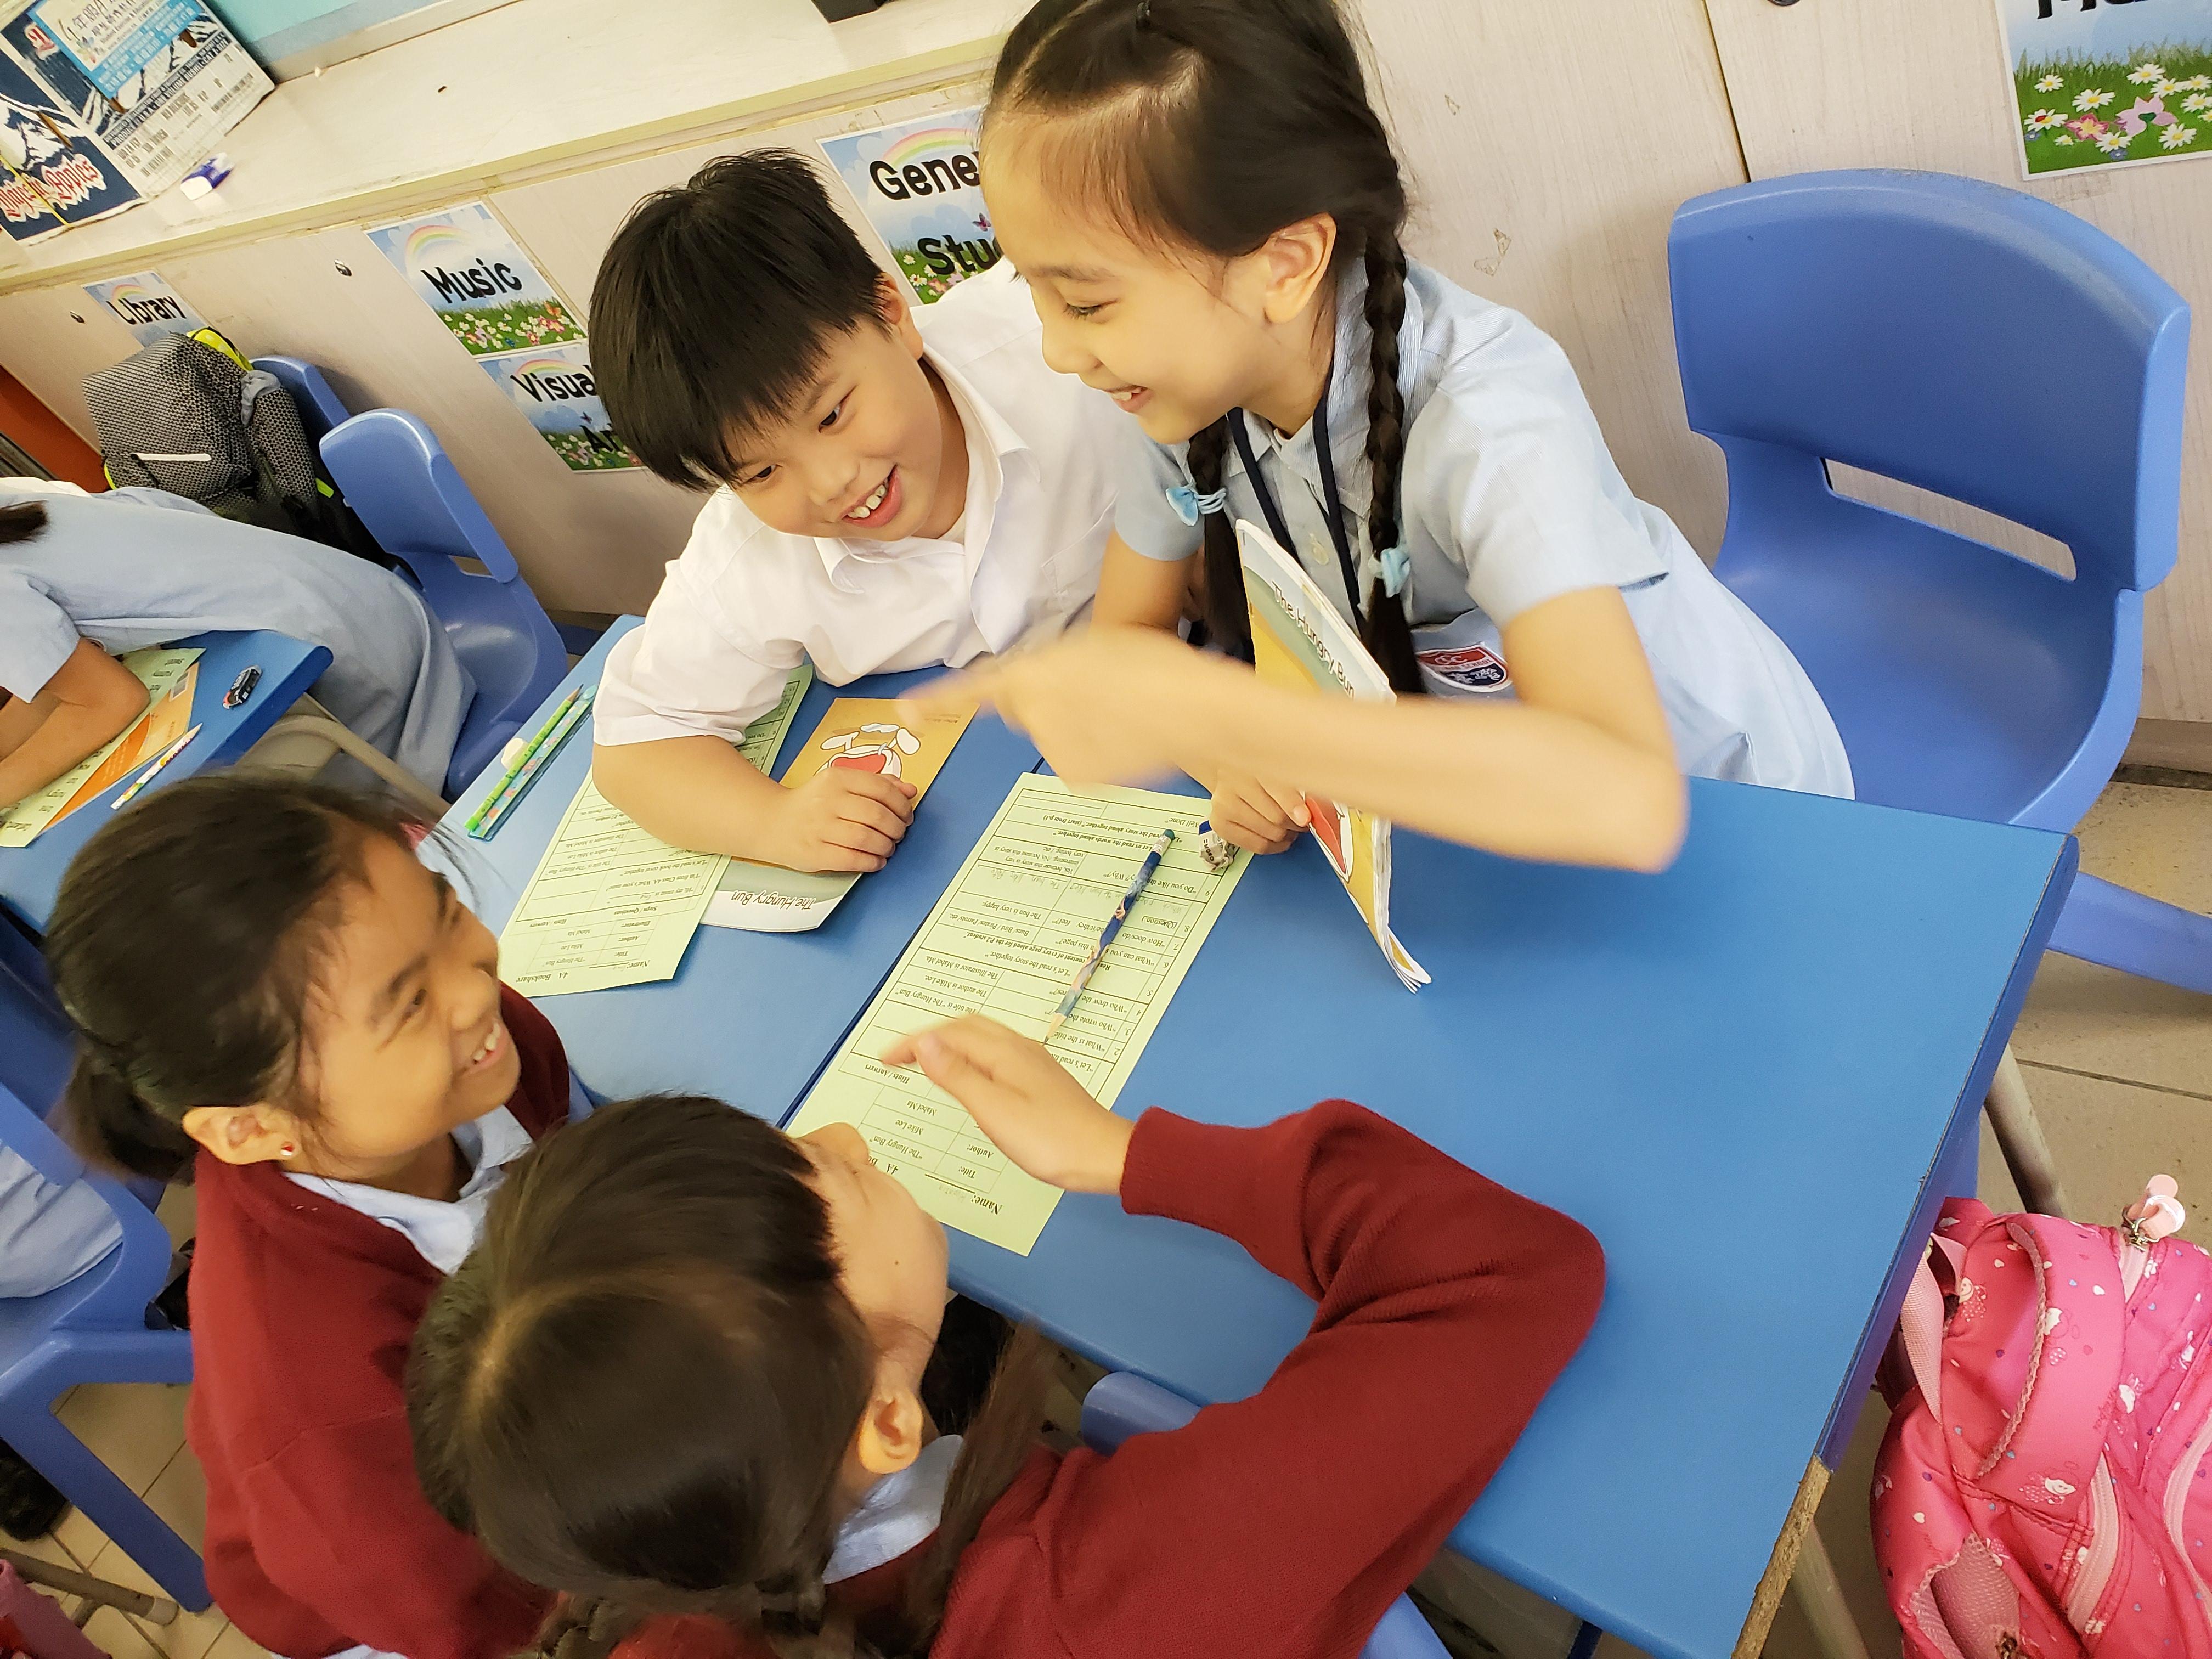 http://www.keiwan.edu.hk/sites/default/files/20_2.jpg